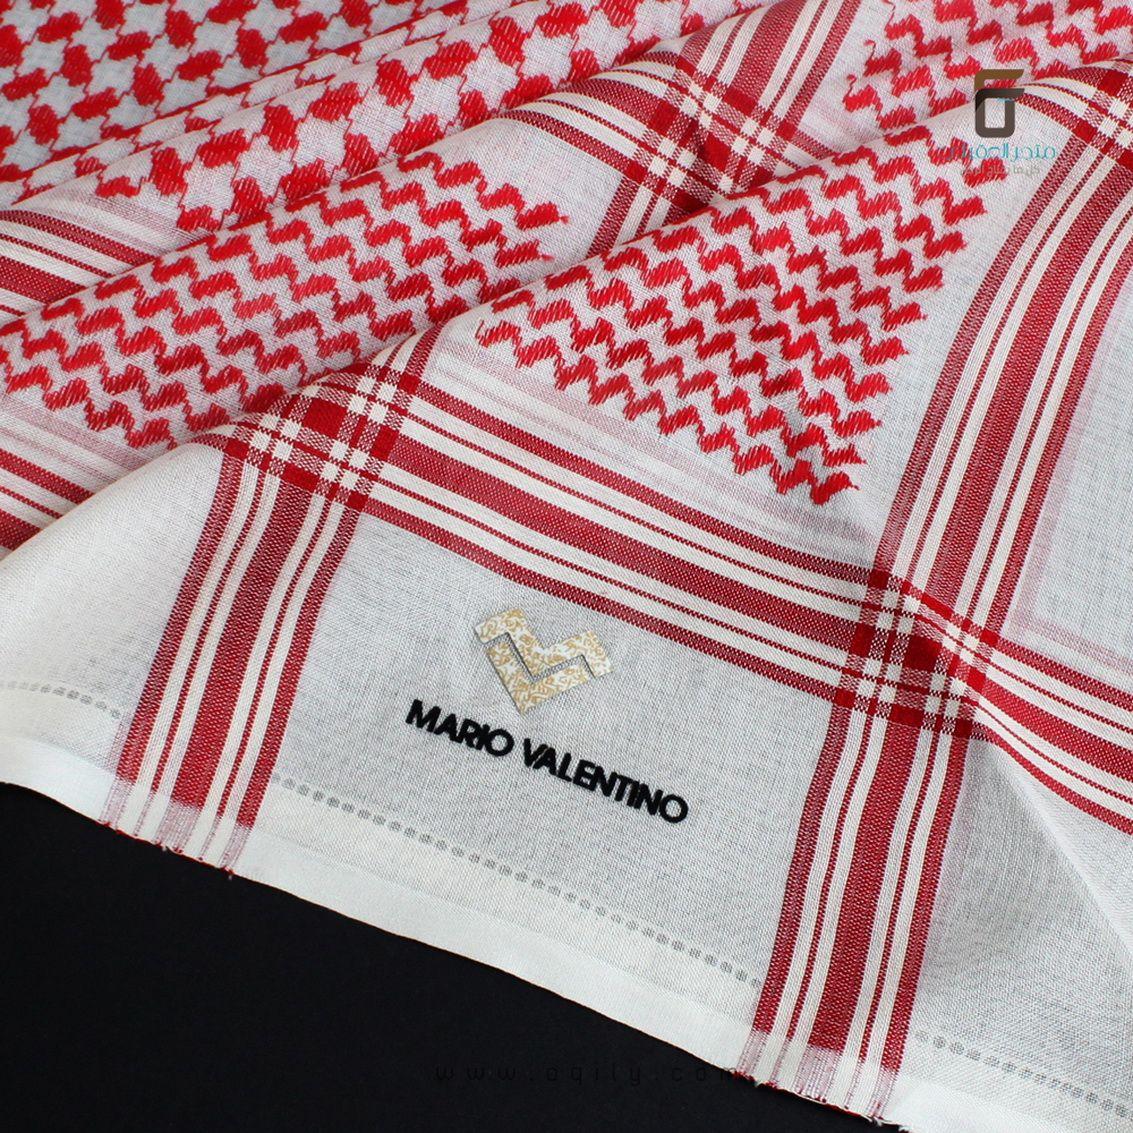 شماغ ماريو فالنيتنو Mario Valentino Mario